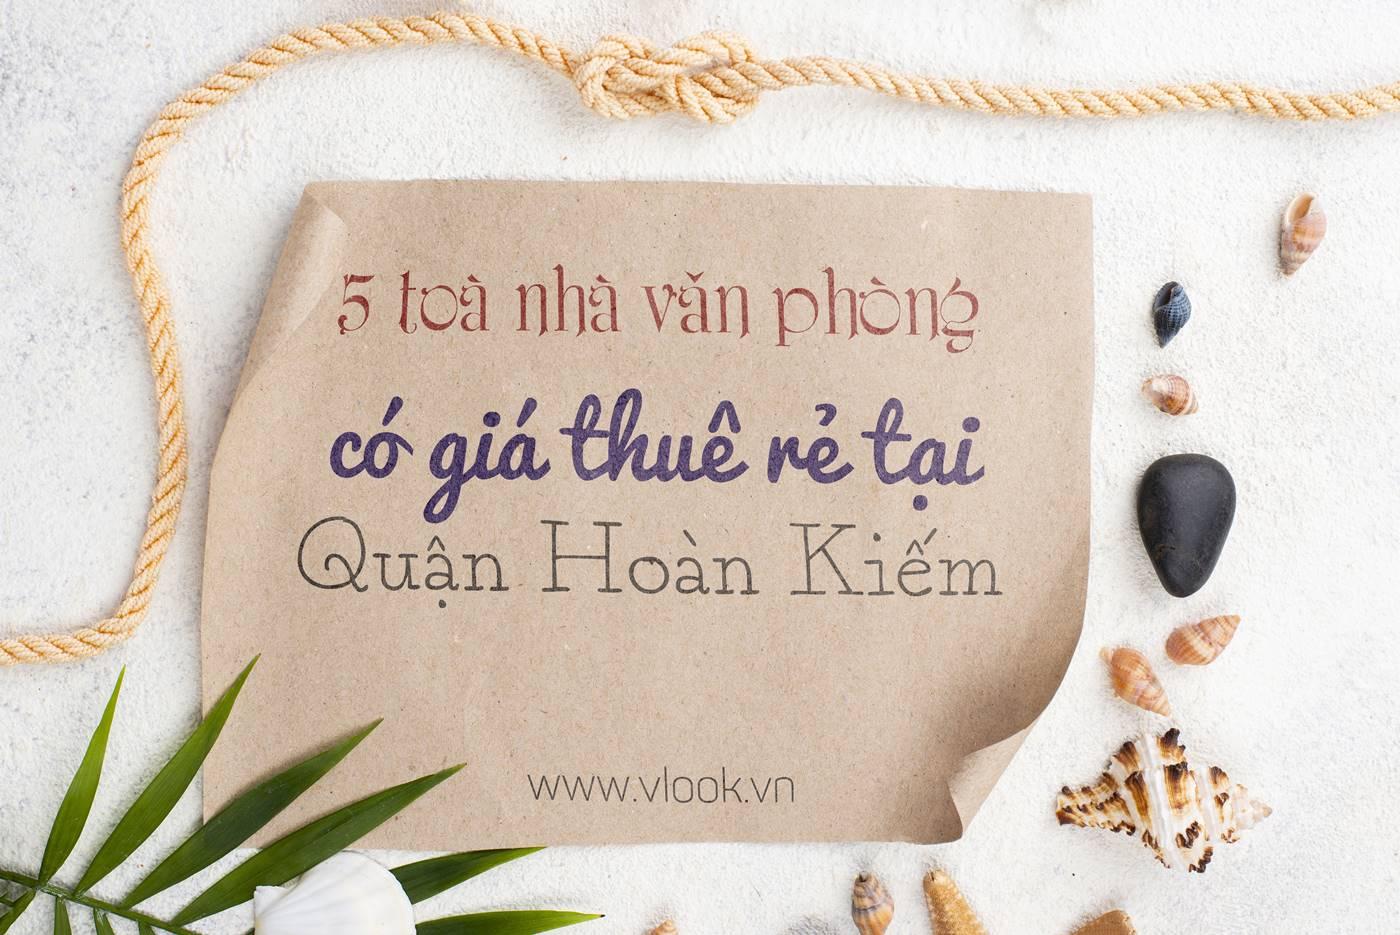 5 tòa nhà văn phòng có giá thuê rẻ tại Quận Hoàn Kiếm - Hà Nội